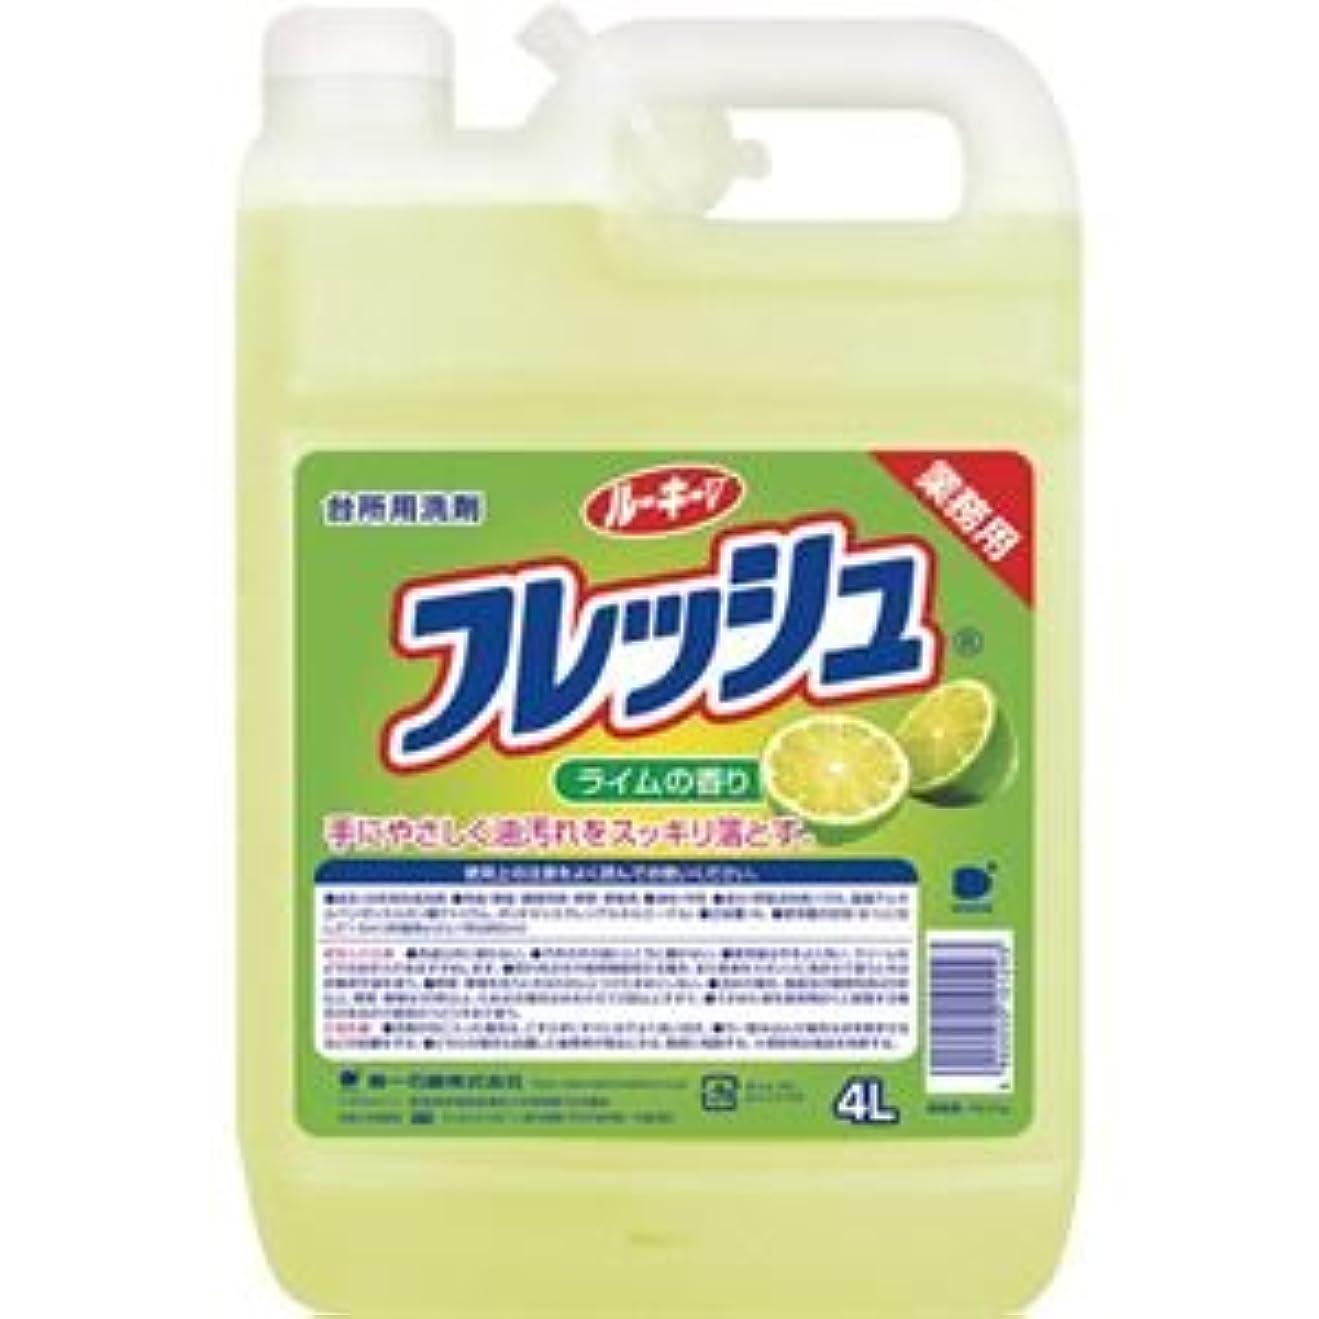 取り消す潜むプレフィックス(まとめ) 第一石鹸 ルーキーVフレッシュ 業務用 4L 1本 【×5セット】